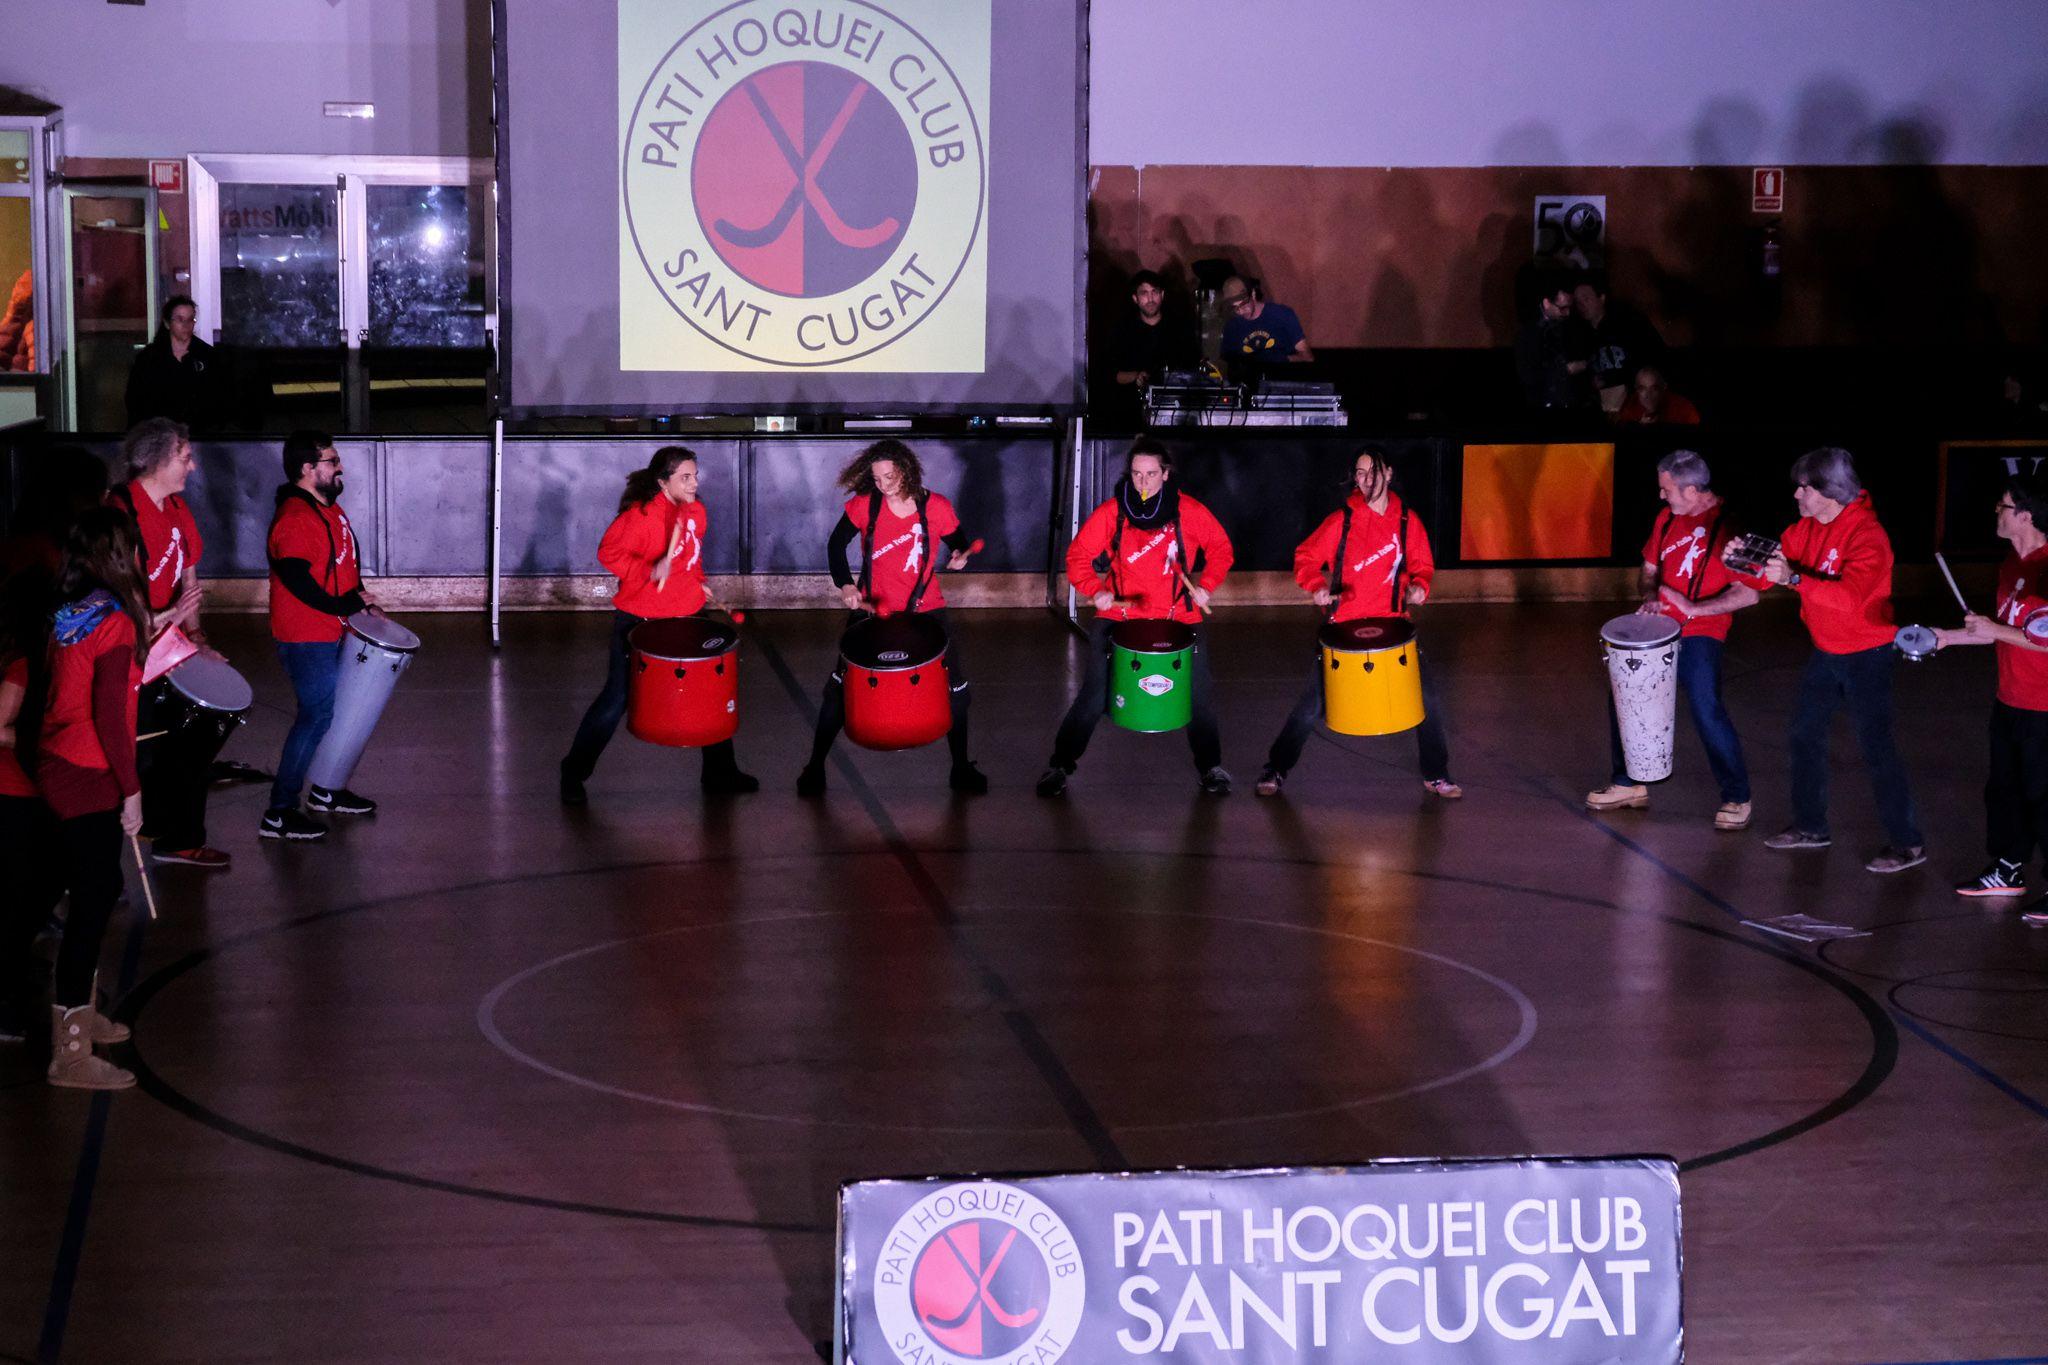 Presentació dels equips del Patí Hoquei Club Sant Cugat. FOTO: Ale Gómez